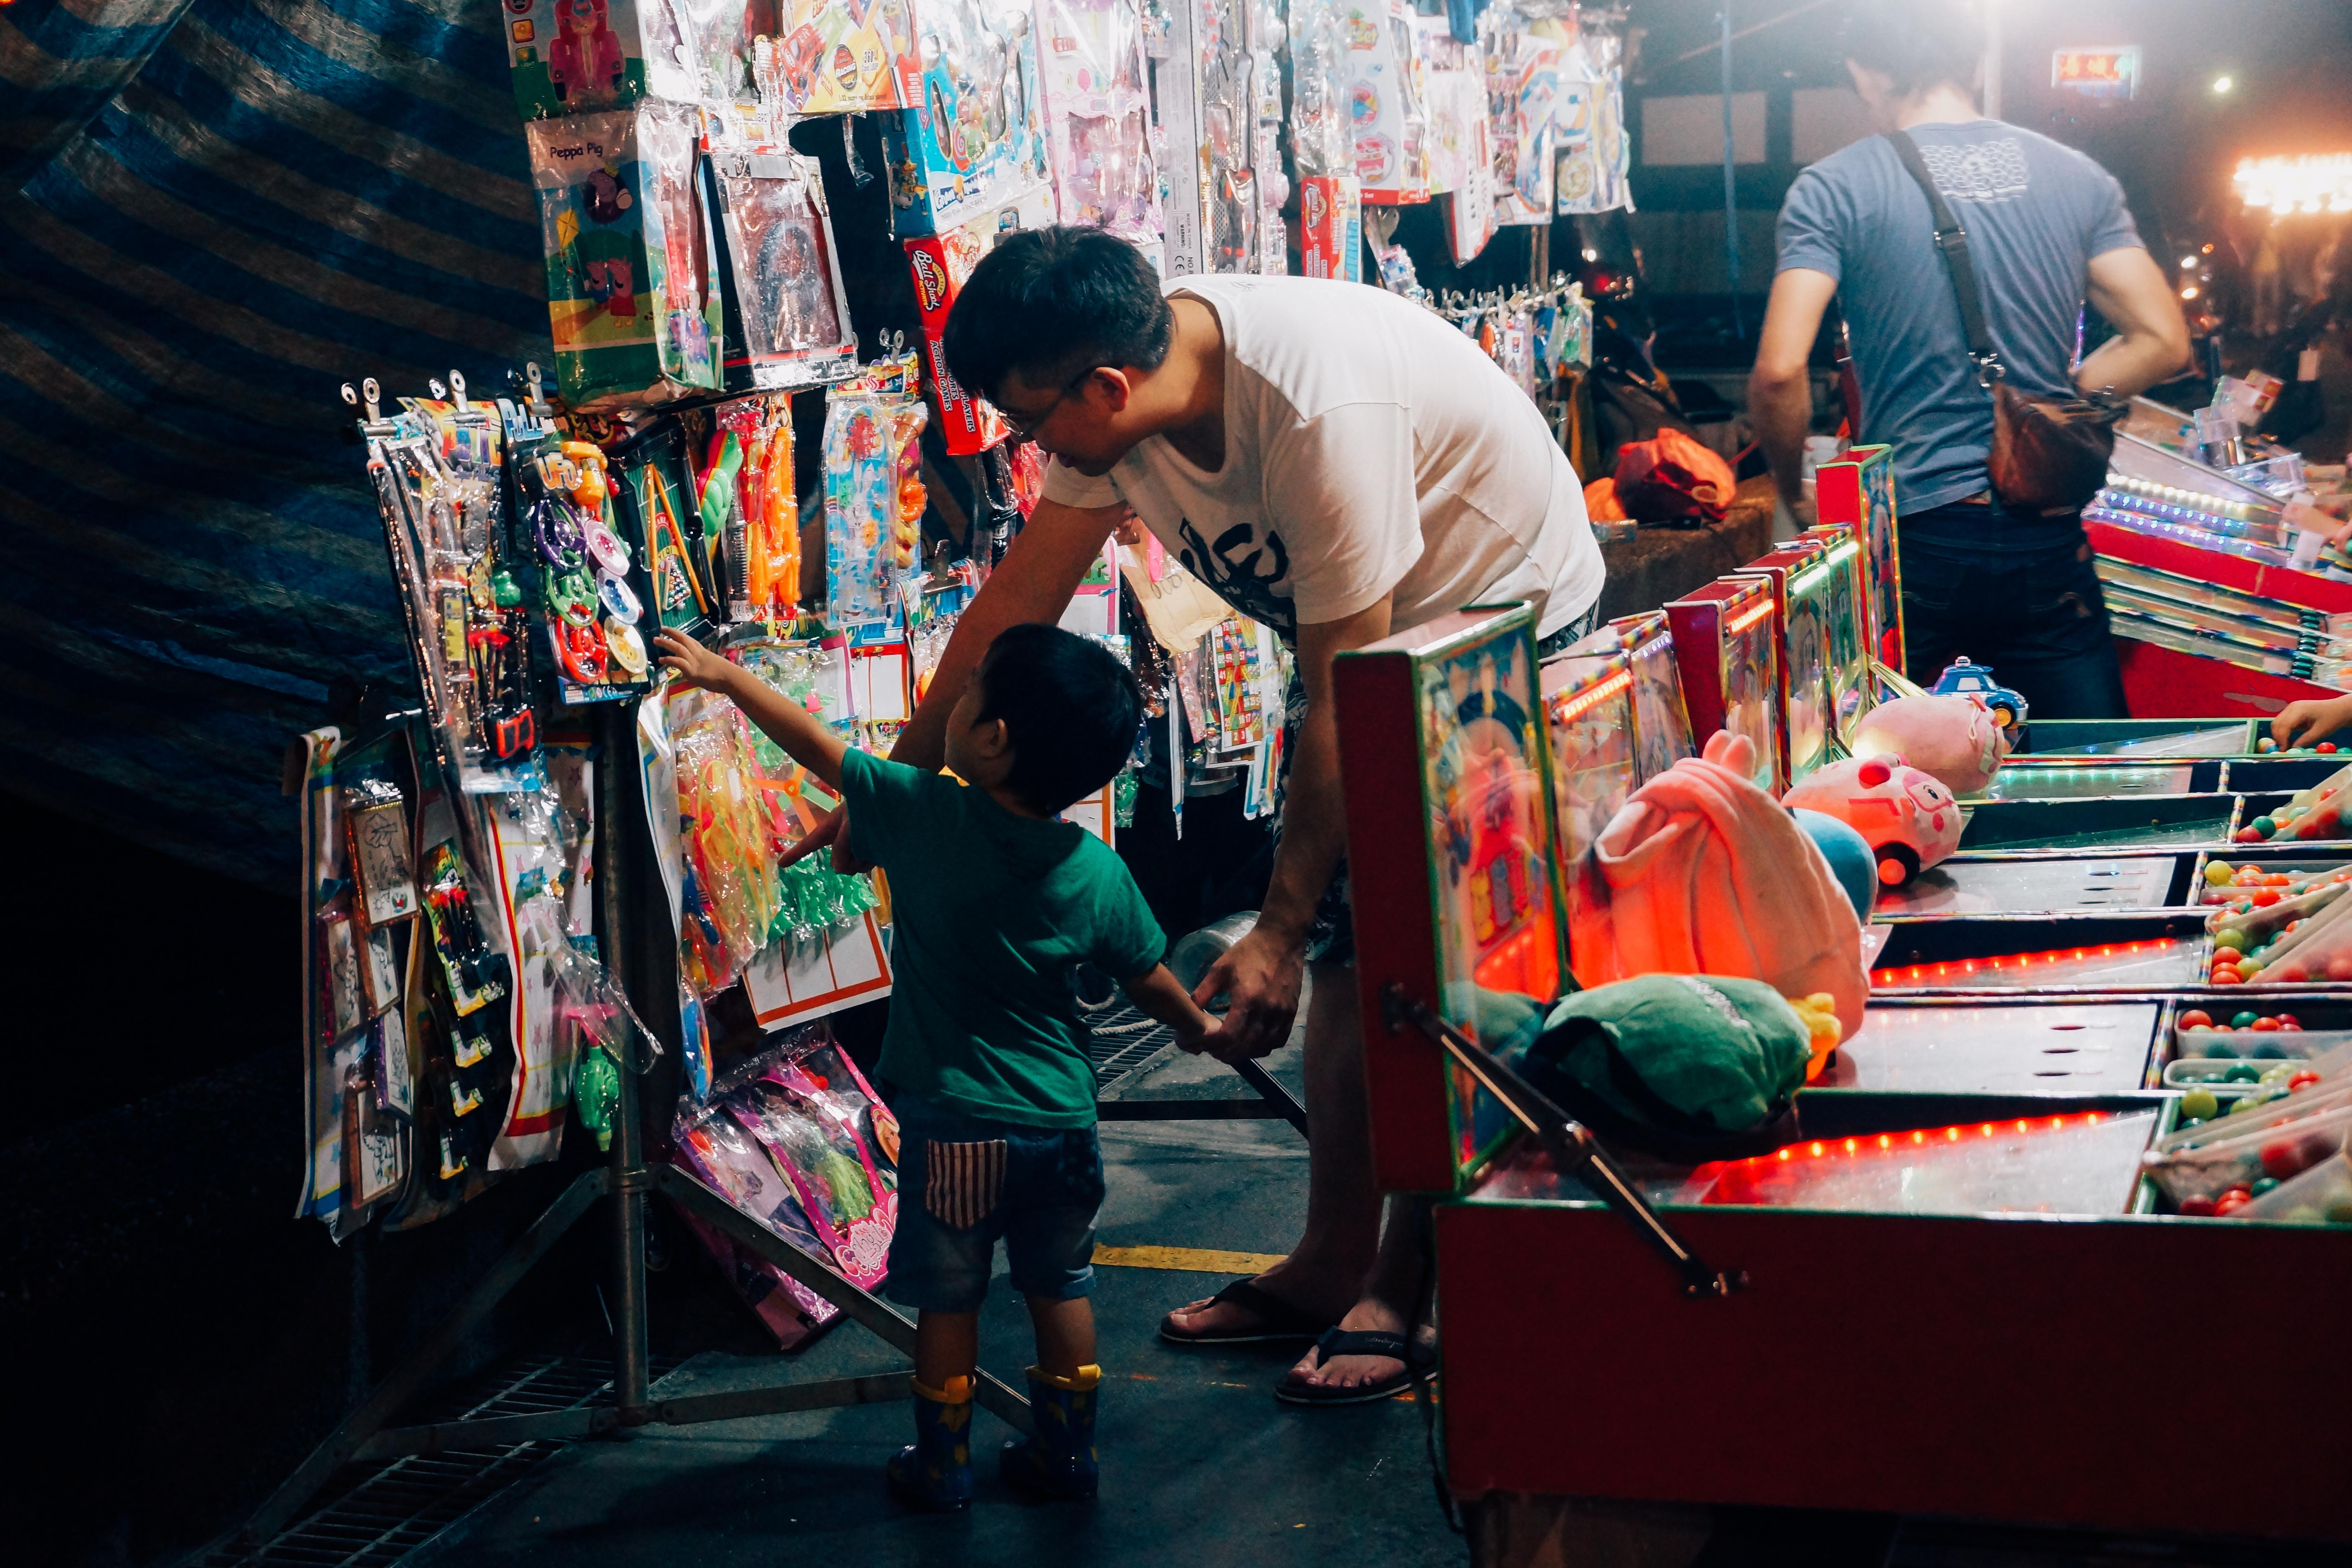 夜市內隨處可見家長與孩子的親近互動。攝影/潘姿穎